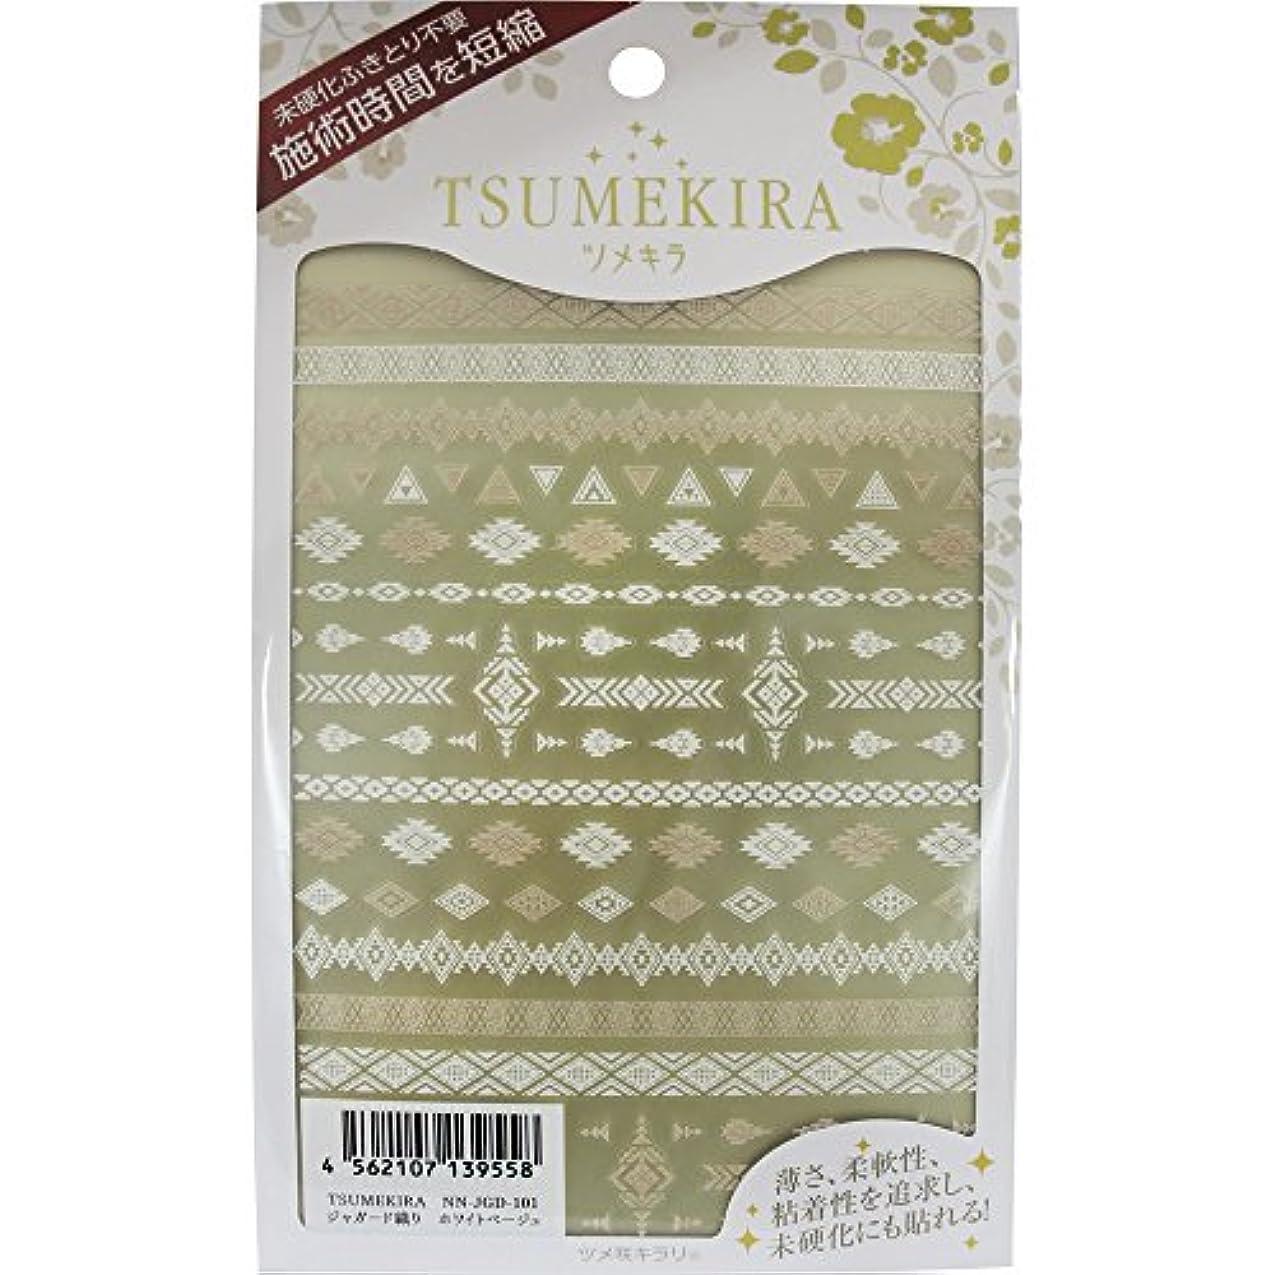 占める水っぽいケージツメキラ(TSUMEKIRA) ネイル用シール ジャガード織り ホワイトベージュ NN-JGD-101